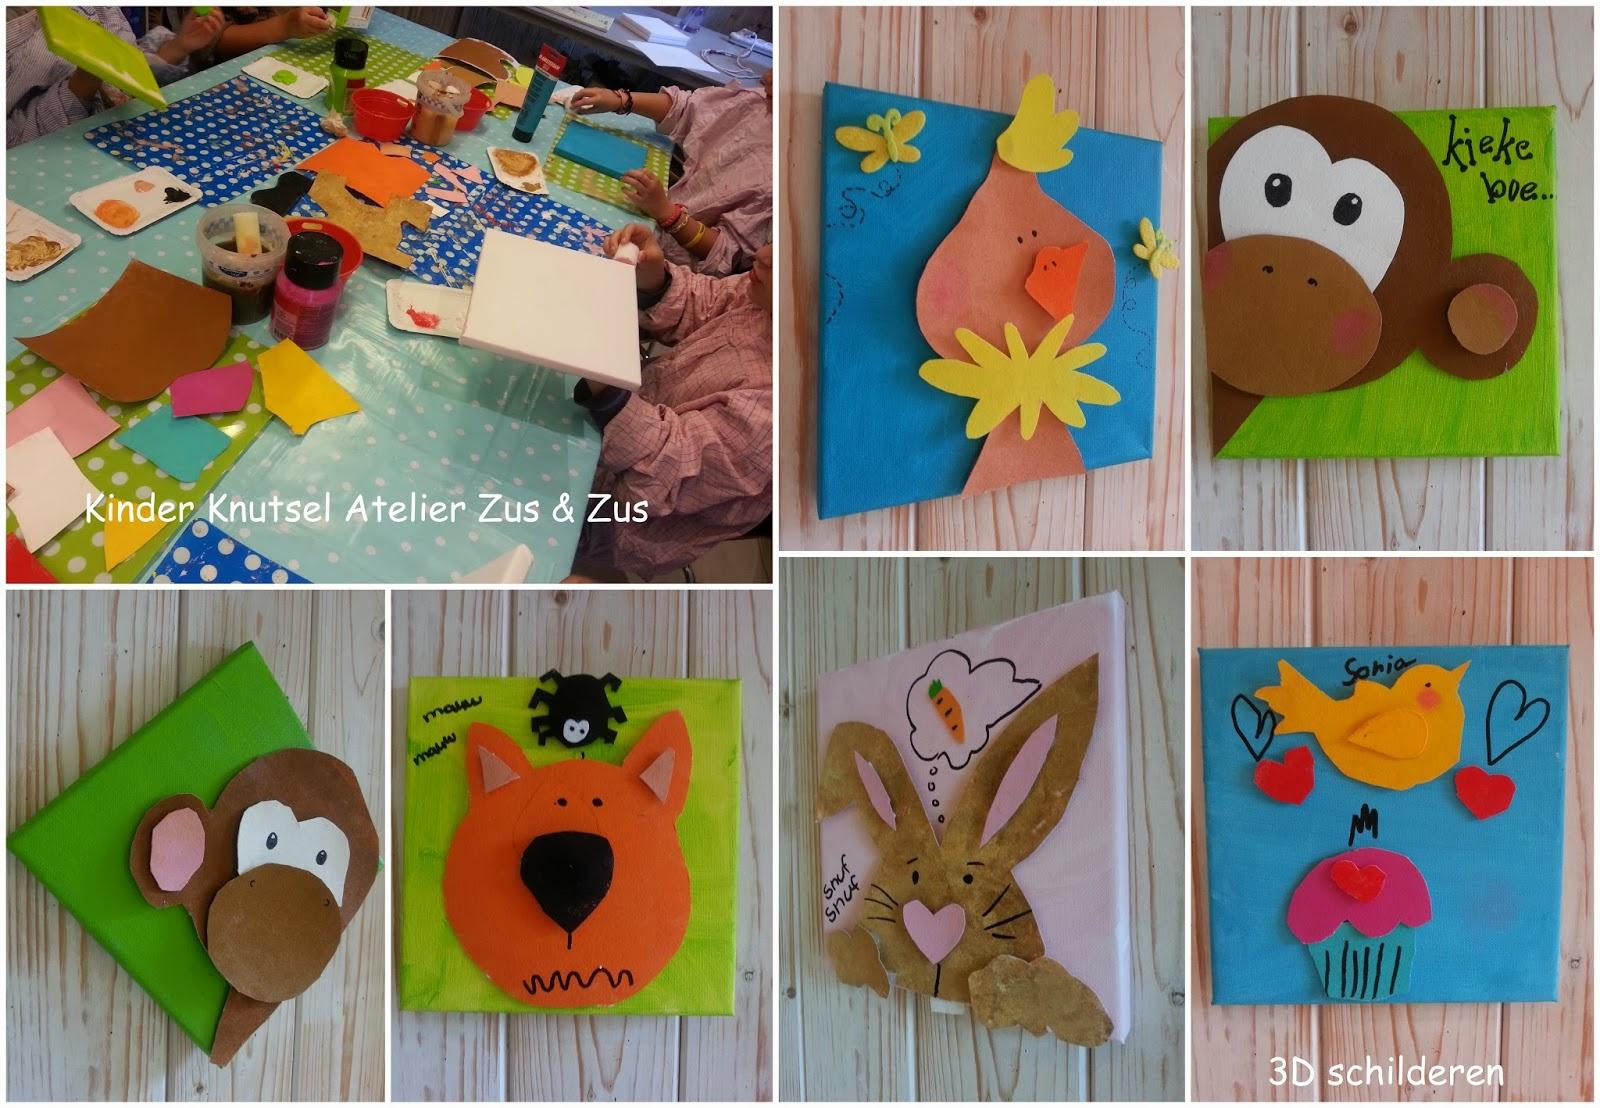 Zus zus kinder knutsel atelier 3d schilderen - Kinder schilderij ...